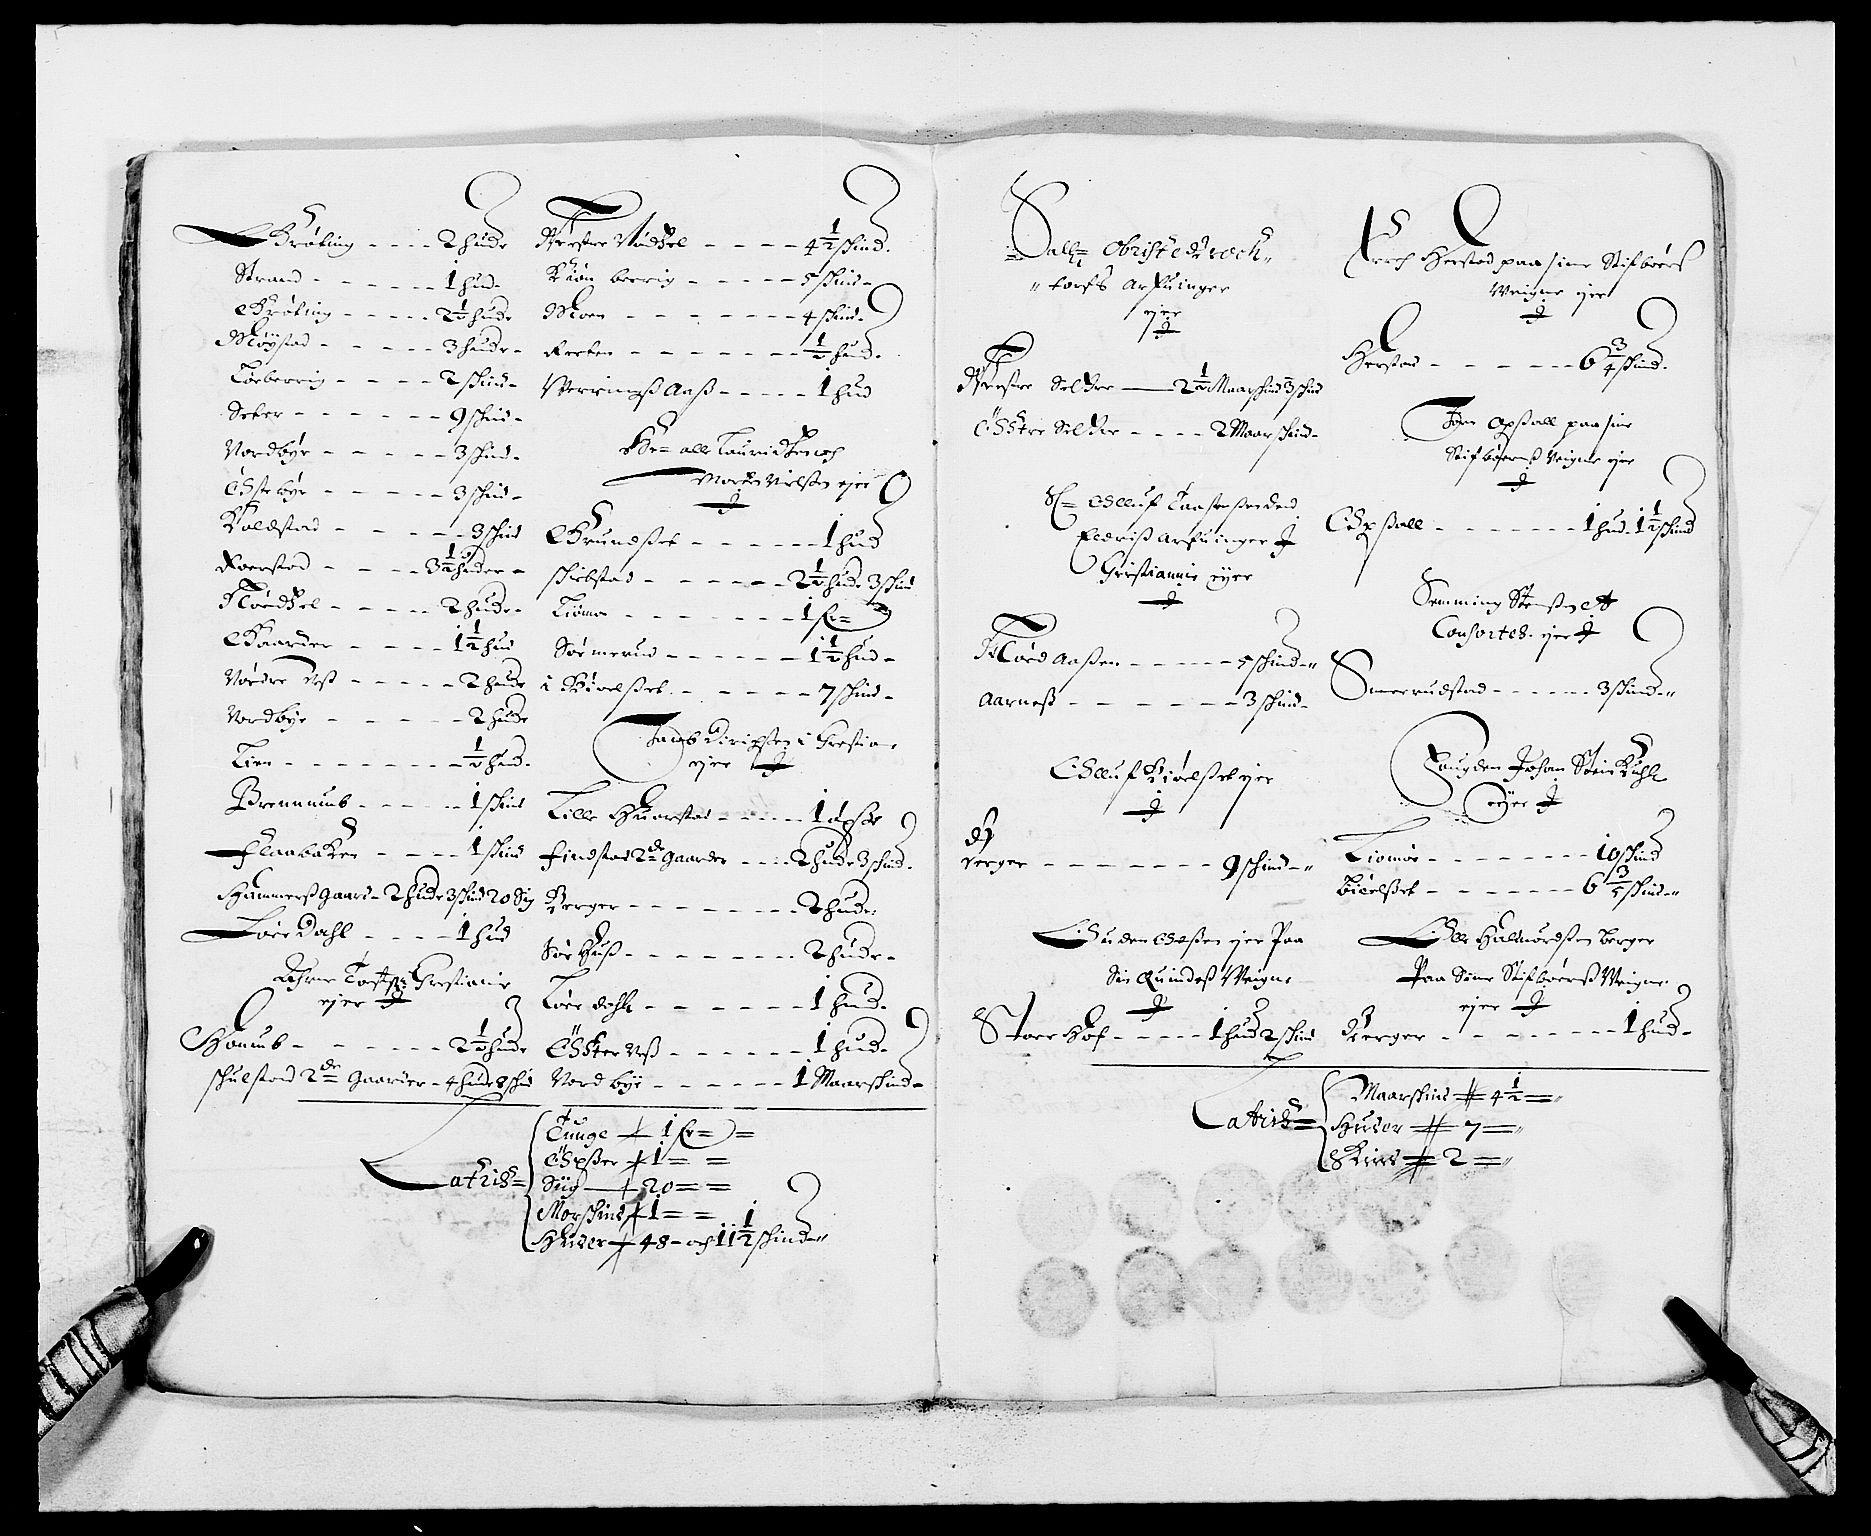 RA, Rentekammeret inntil 1814, Reviderte regnskaper, Fogderegnskap, R13/L0818: Fogderegnskap Solør, Odal og Østerdal, 1681, s. 219